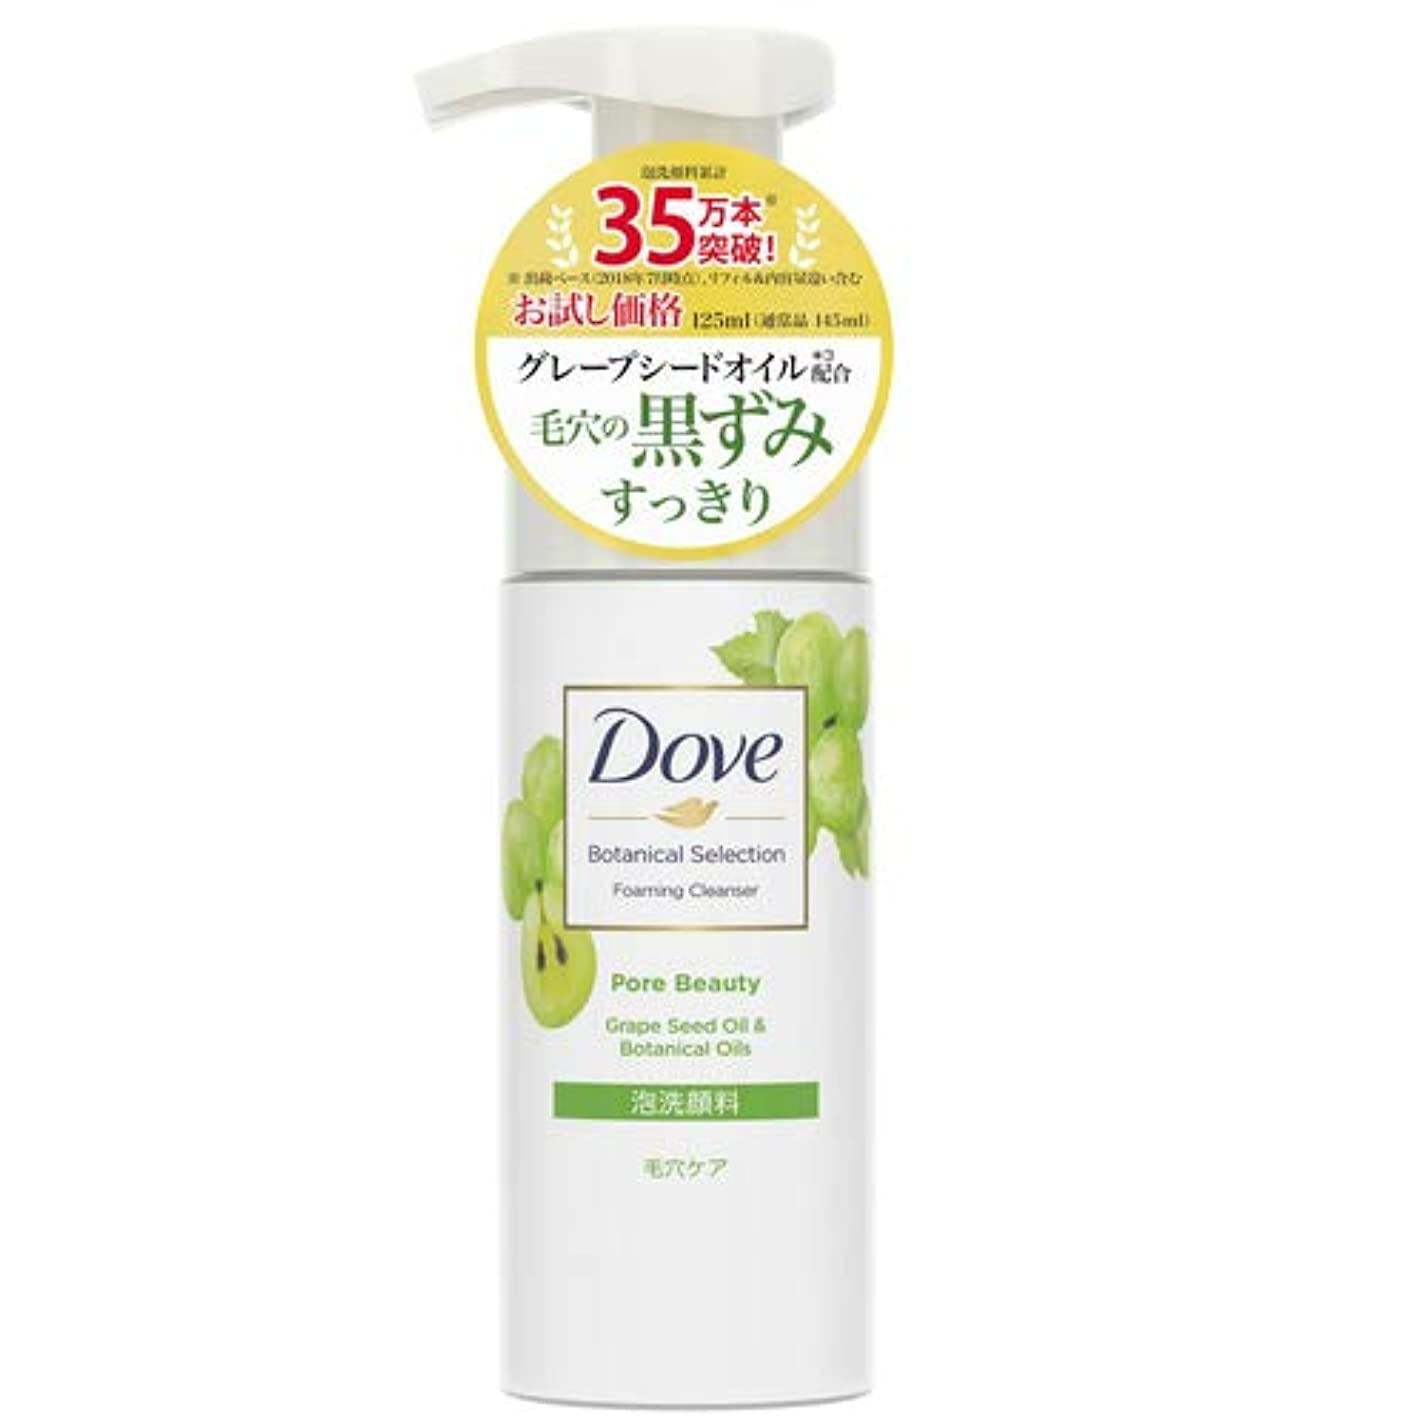 収束遠近法以来Dove(ダヴ) ダヴBポアビューティー泡洗顔お試し価格品125ML